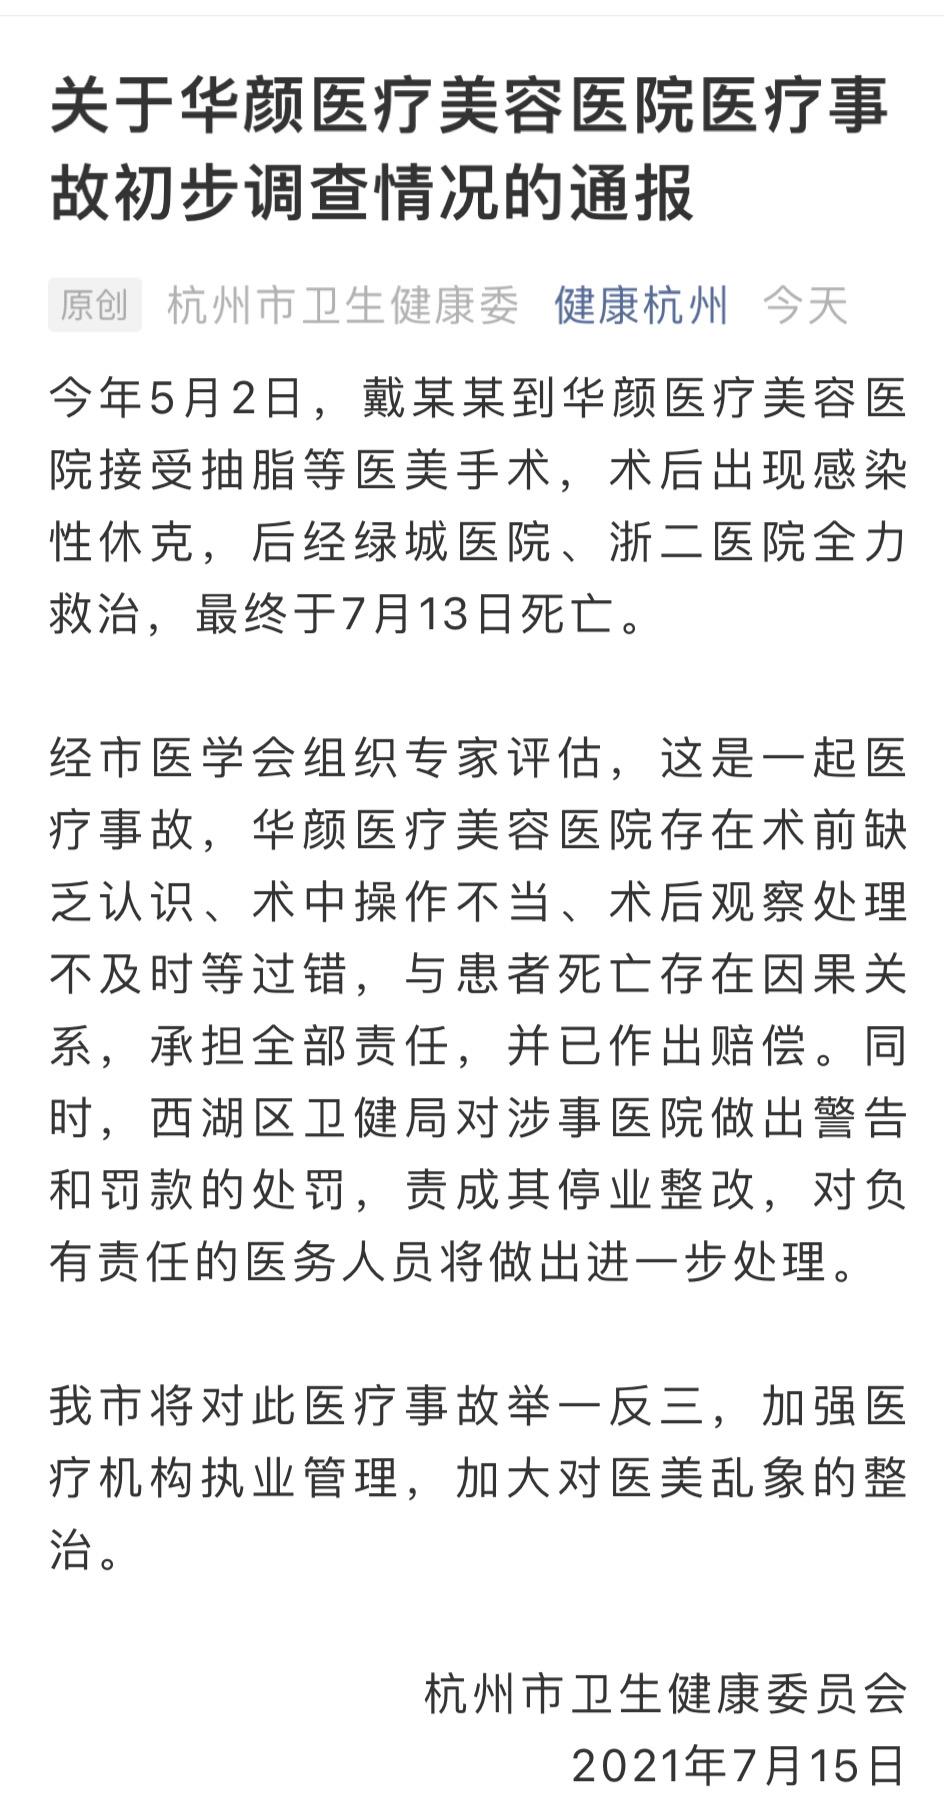 杭州一网红抽脂后死亡 涉事医院担全责